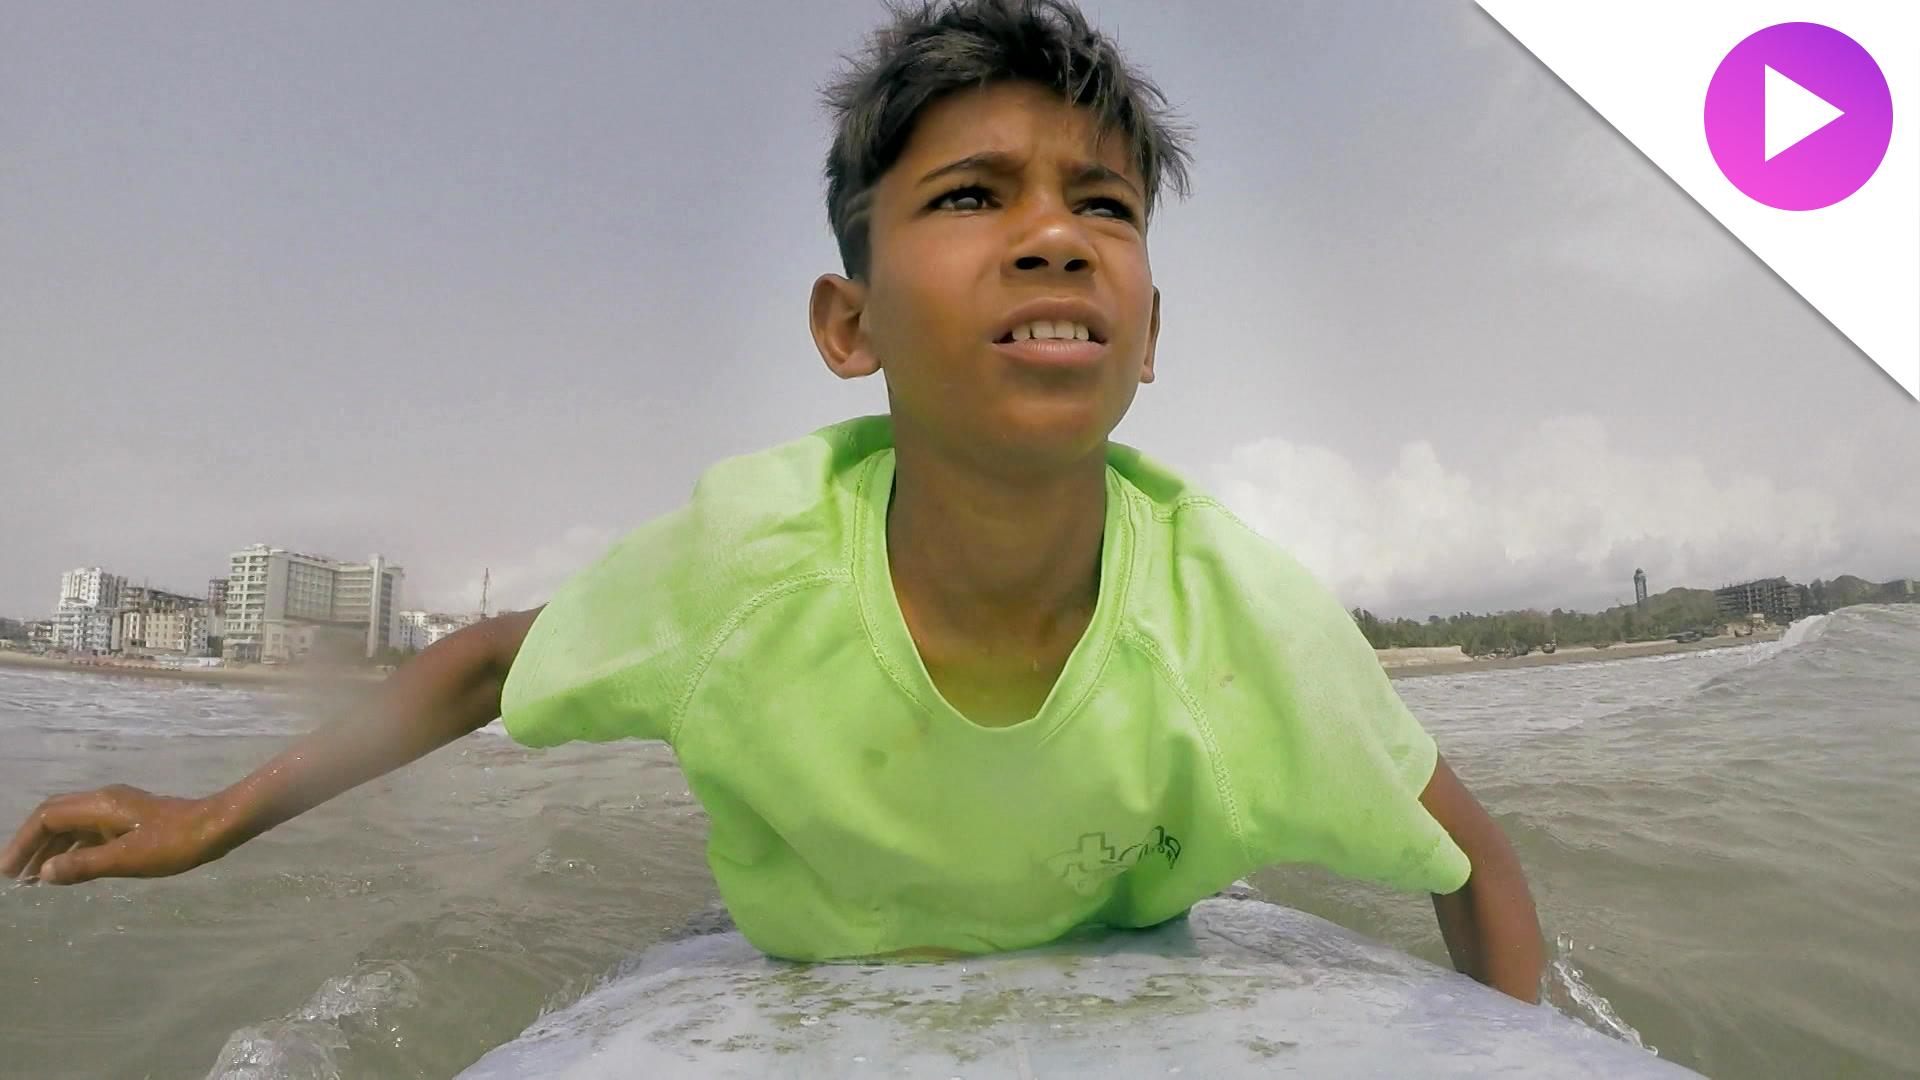 boernene_paa_silkevejen_beach_boys_drupal.jpg